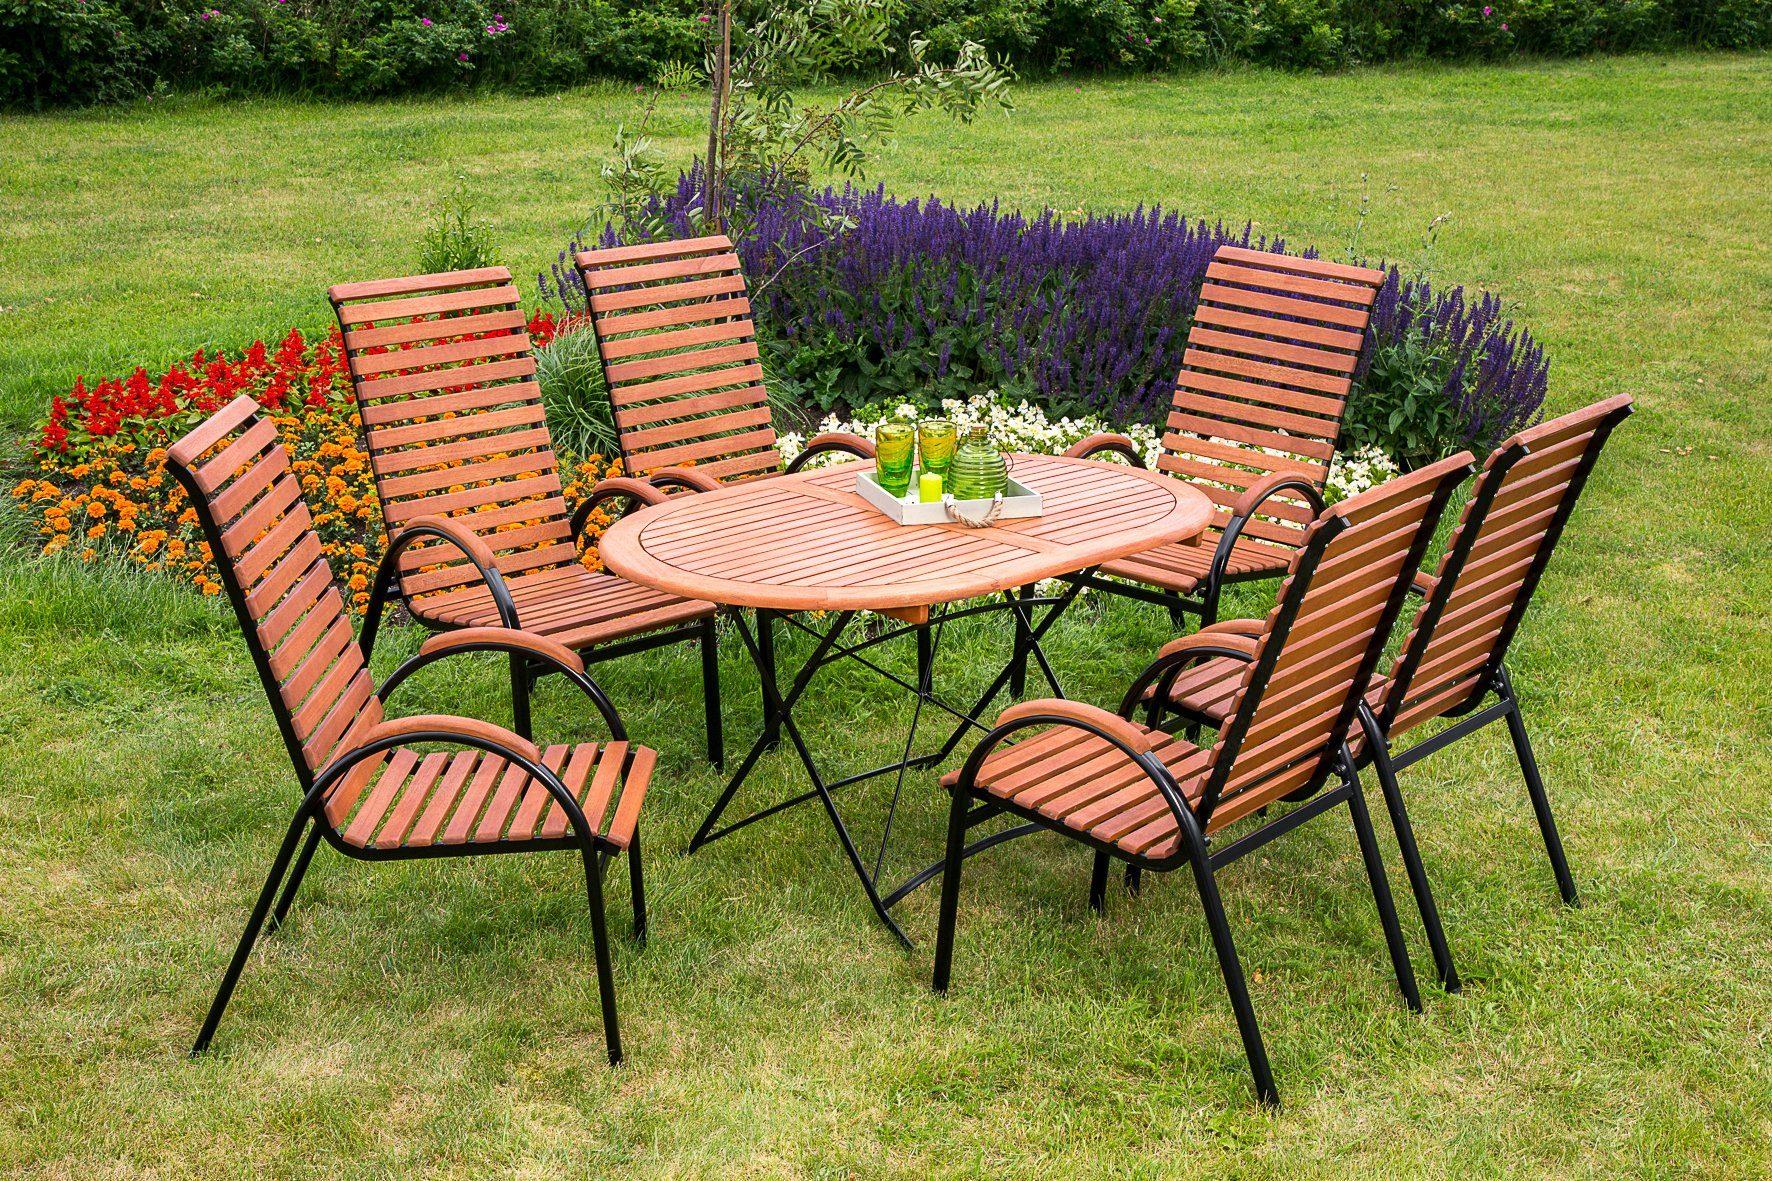 MERXX Gartenmöbelset »Schloßgarten«, 7tlg., 6 Sessel, Tisch, stapelbar, klappbar, Eukalyptus